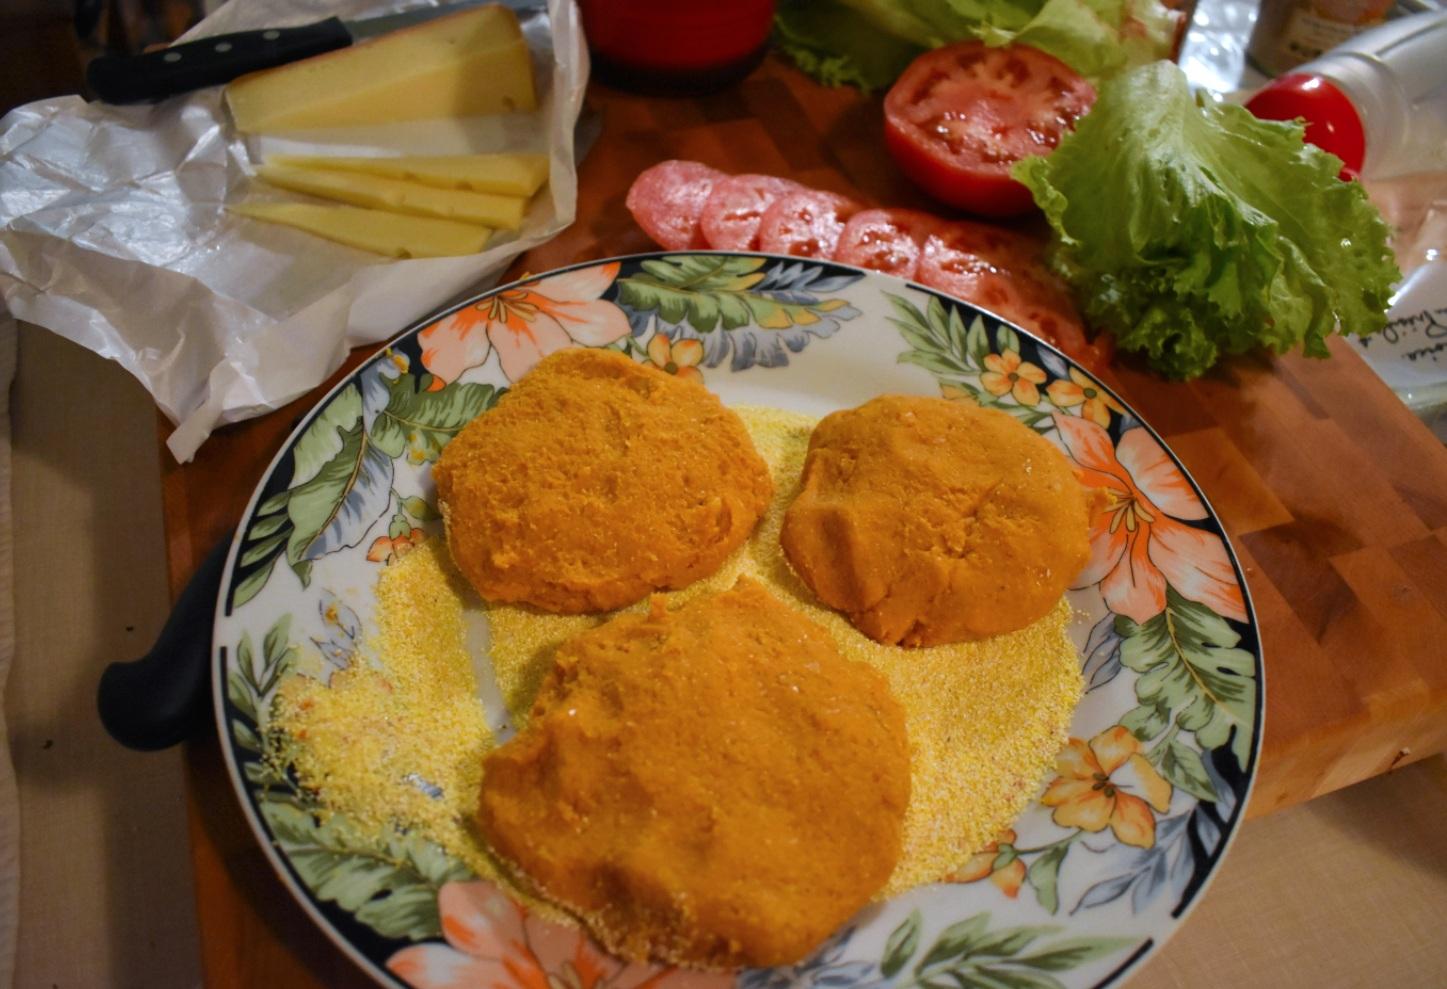 Burger végétarien de pois chiches à la patate douce - Auboutdelalangue.com (5)